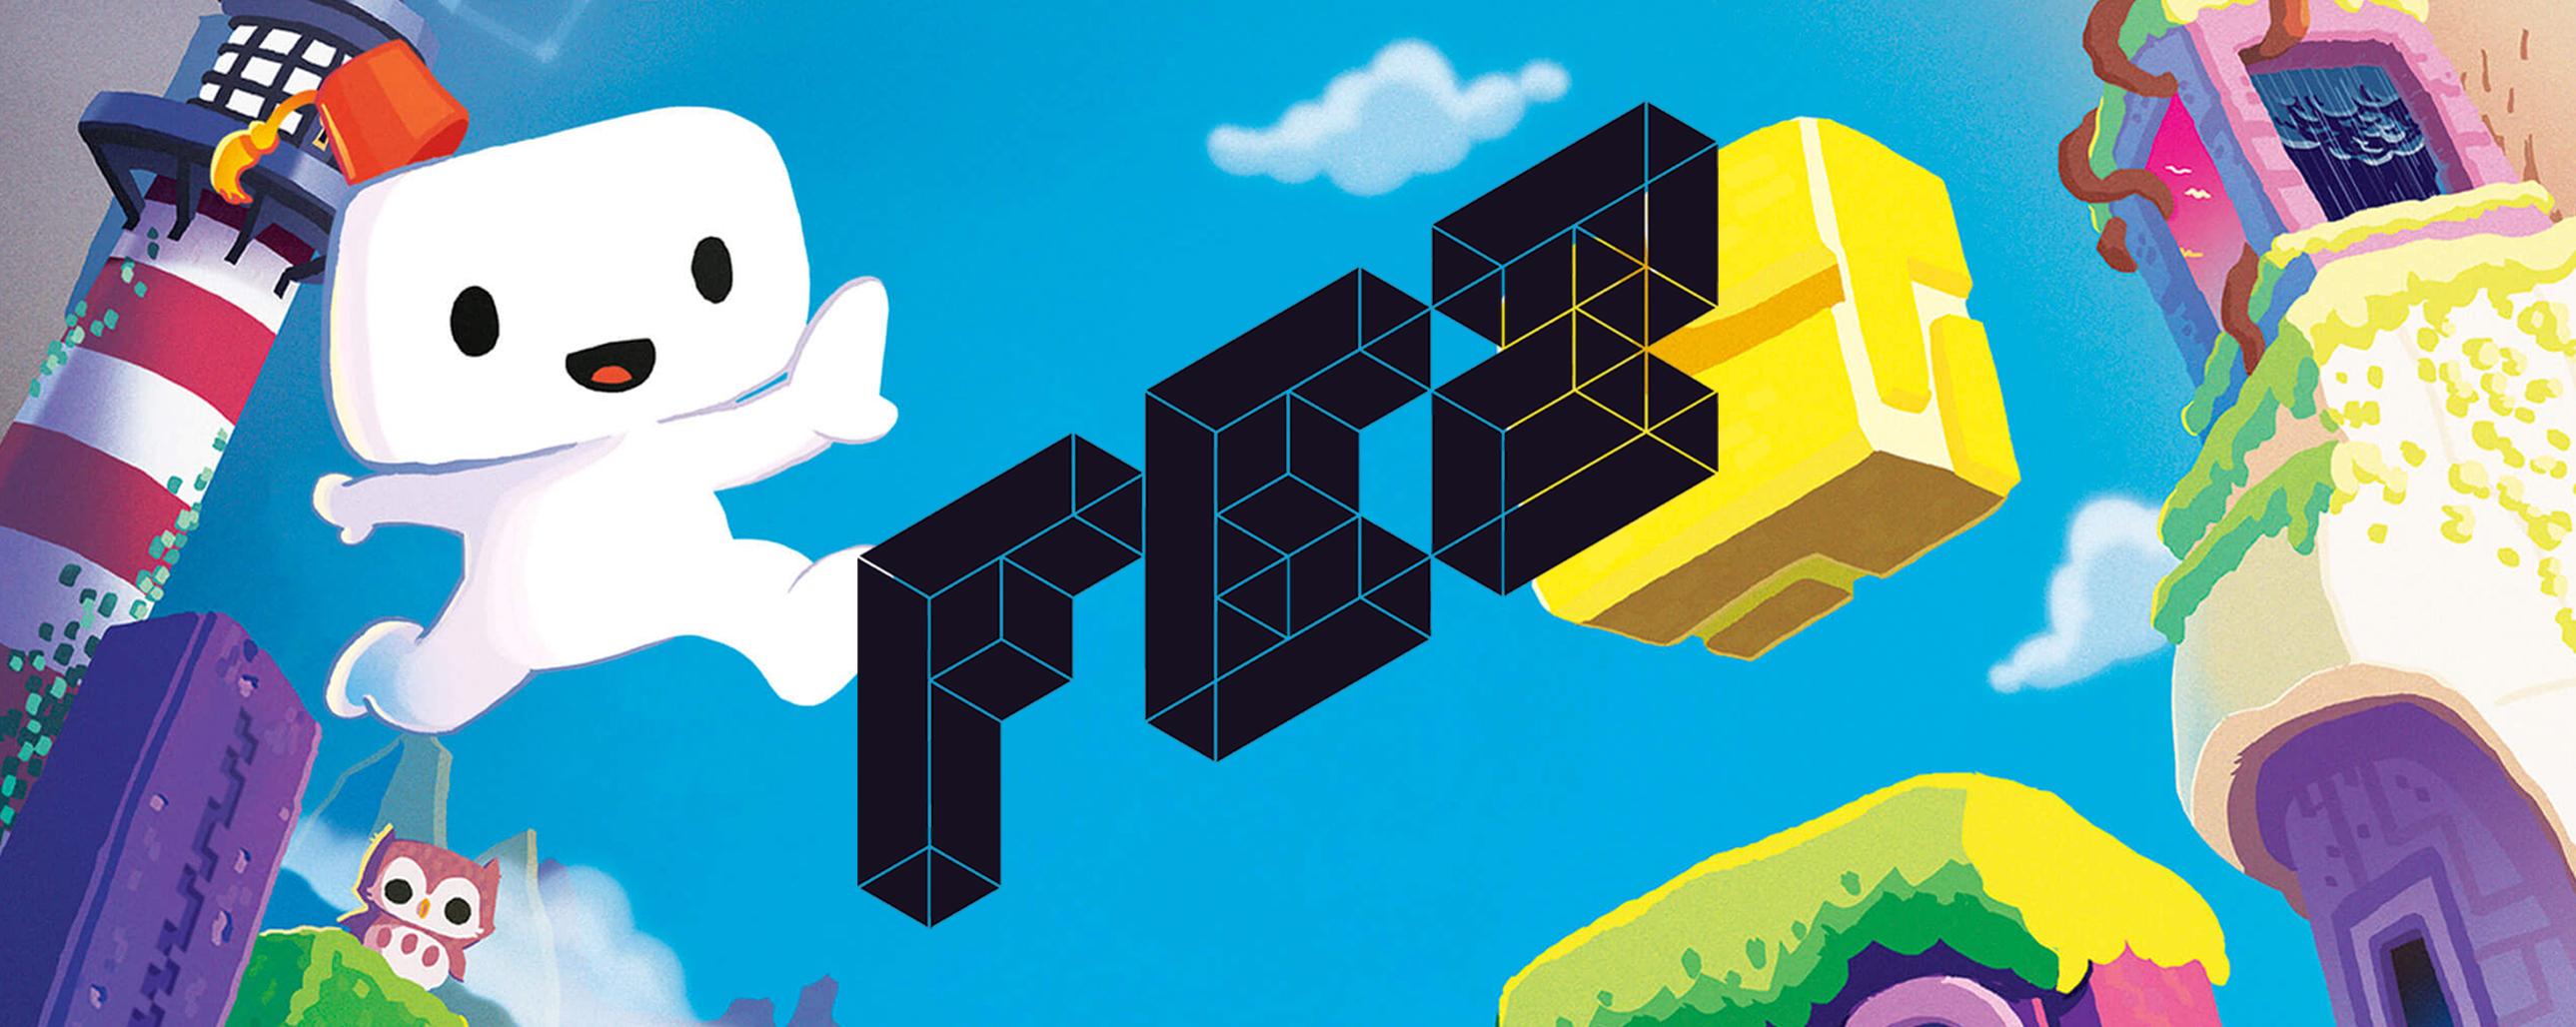 Epic Games: Fez (Gratis del 22 al 29 de agosto)